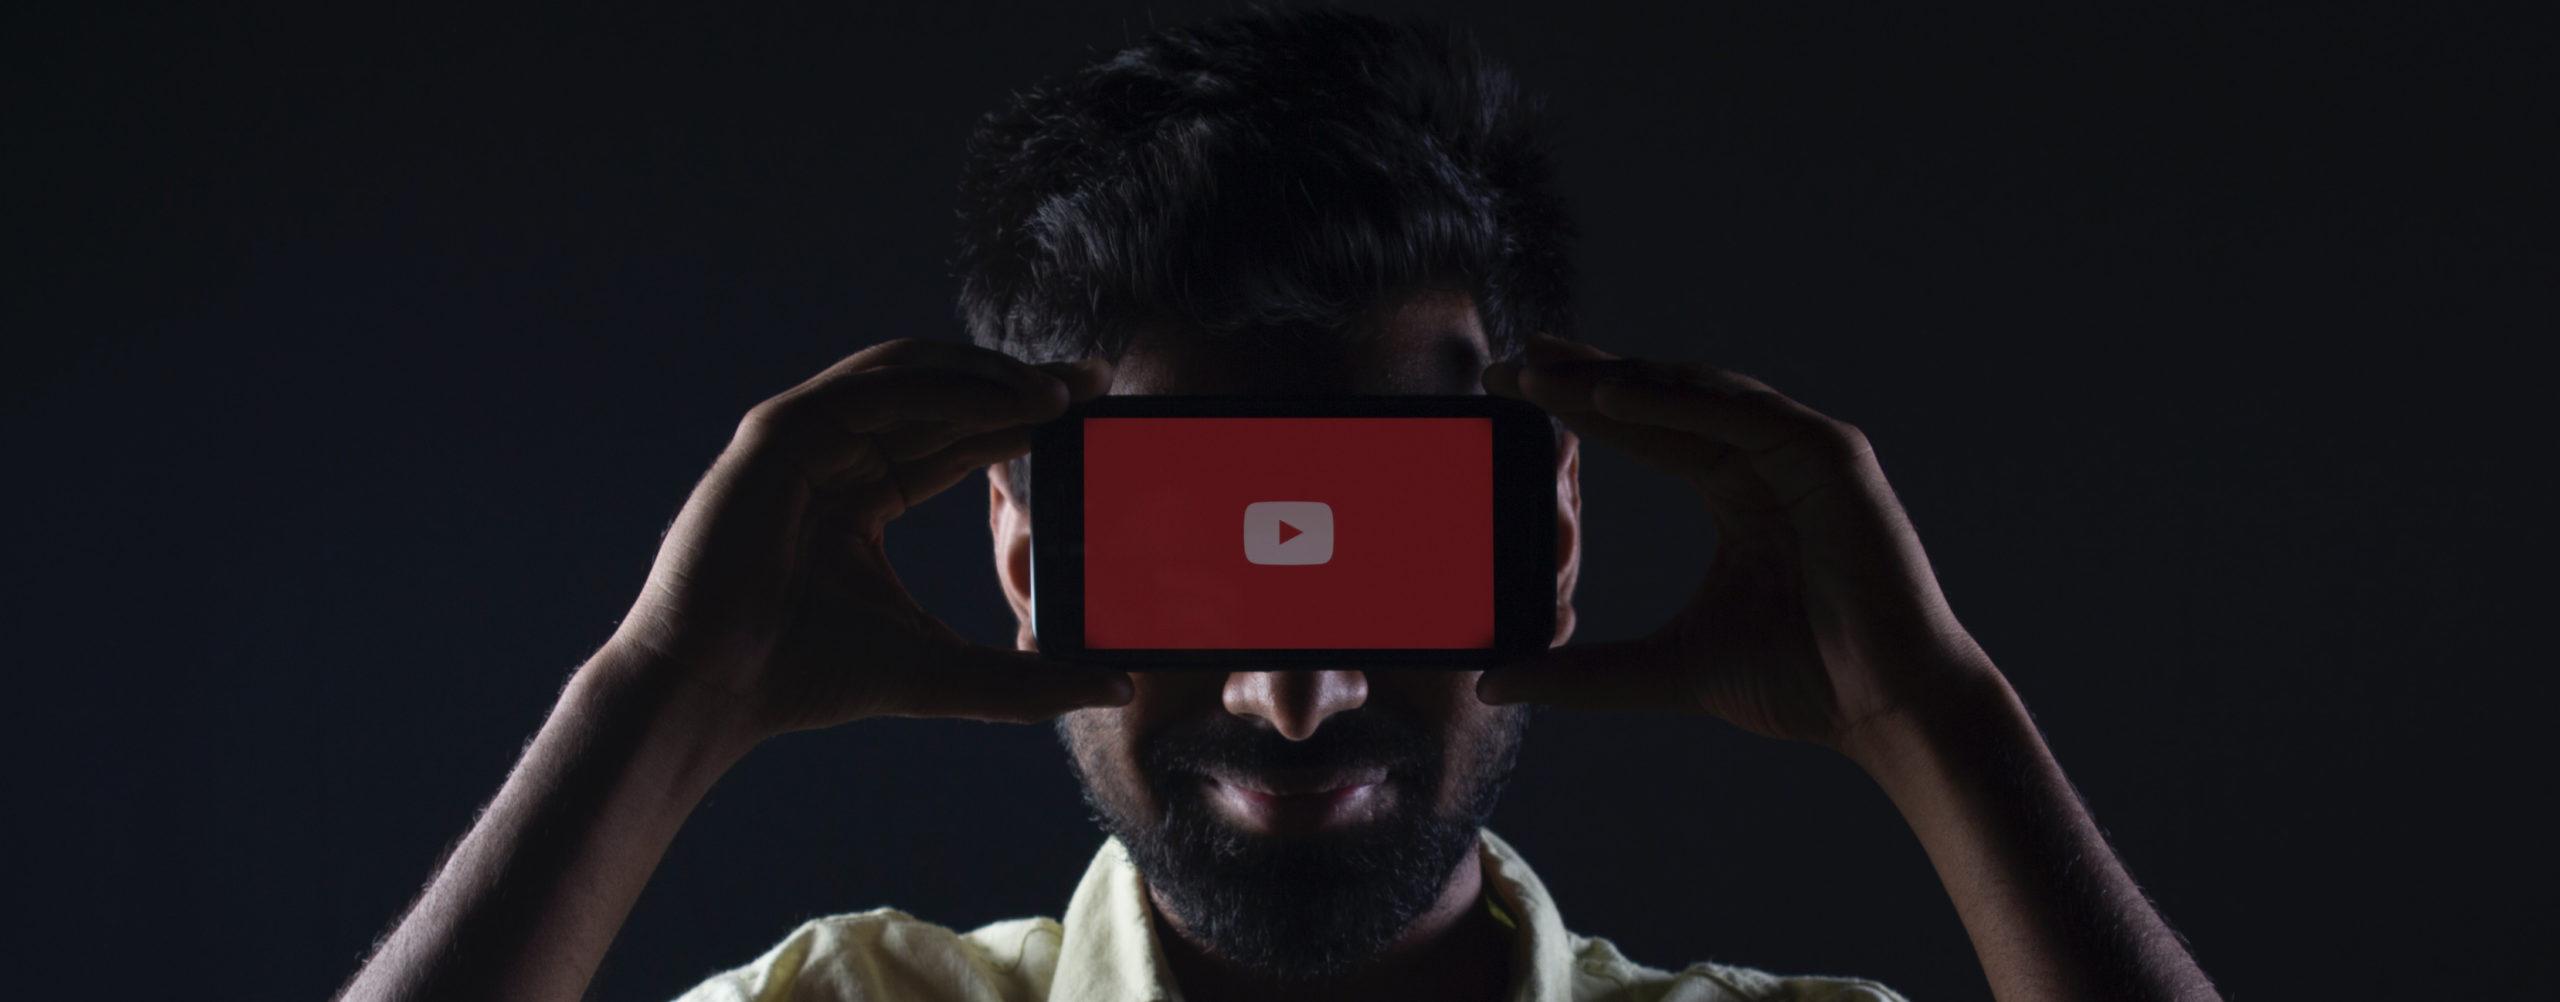 La carrera del video streaming: estrategias de los competidores